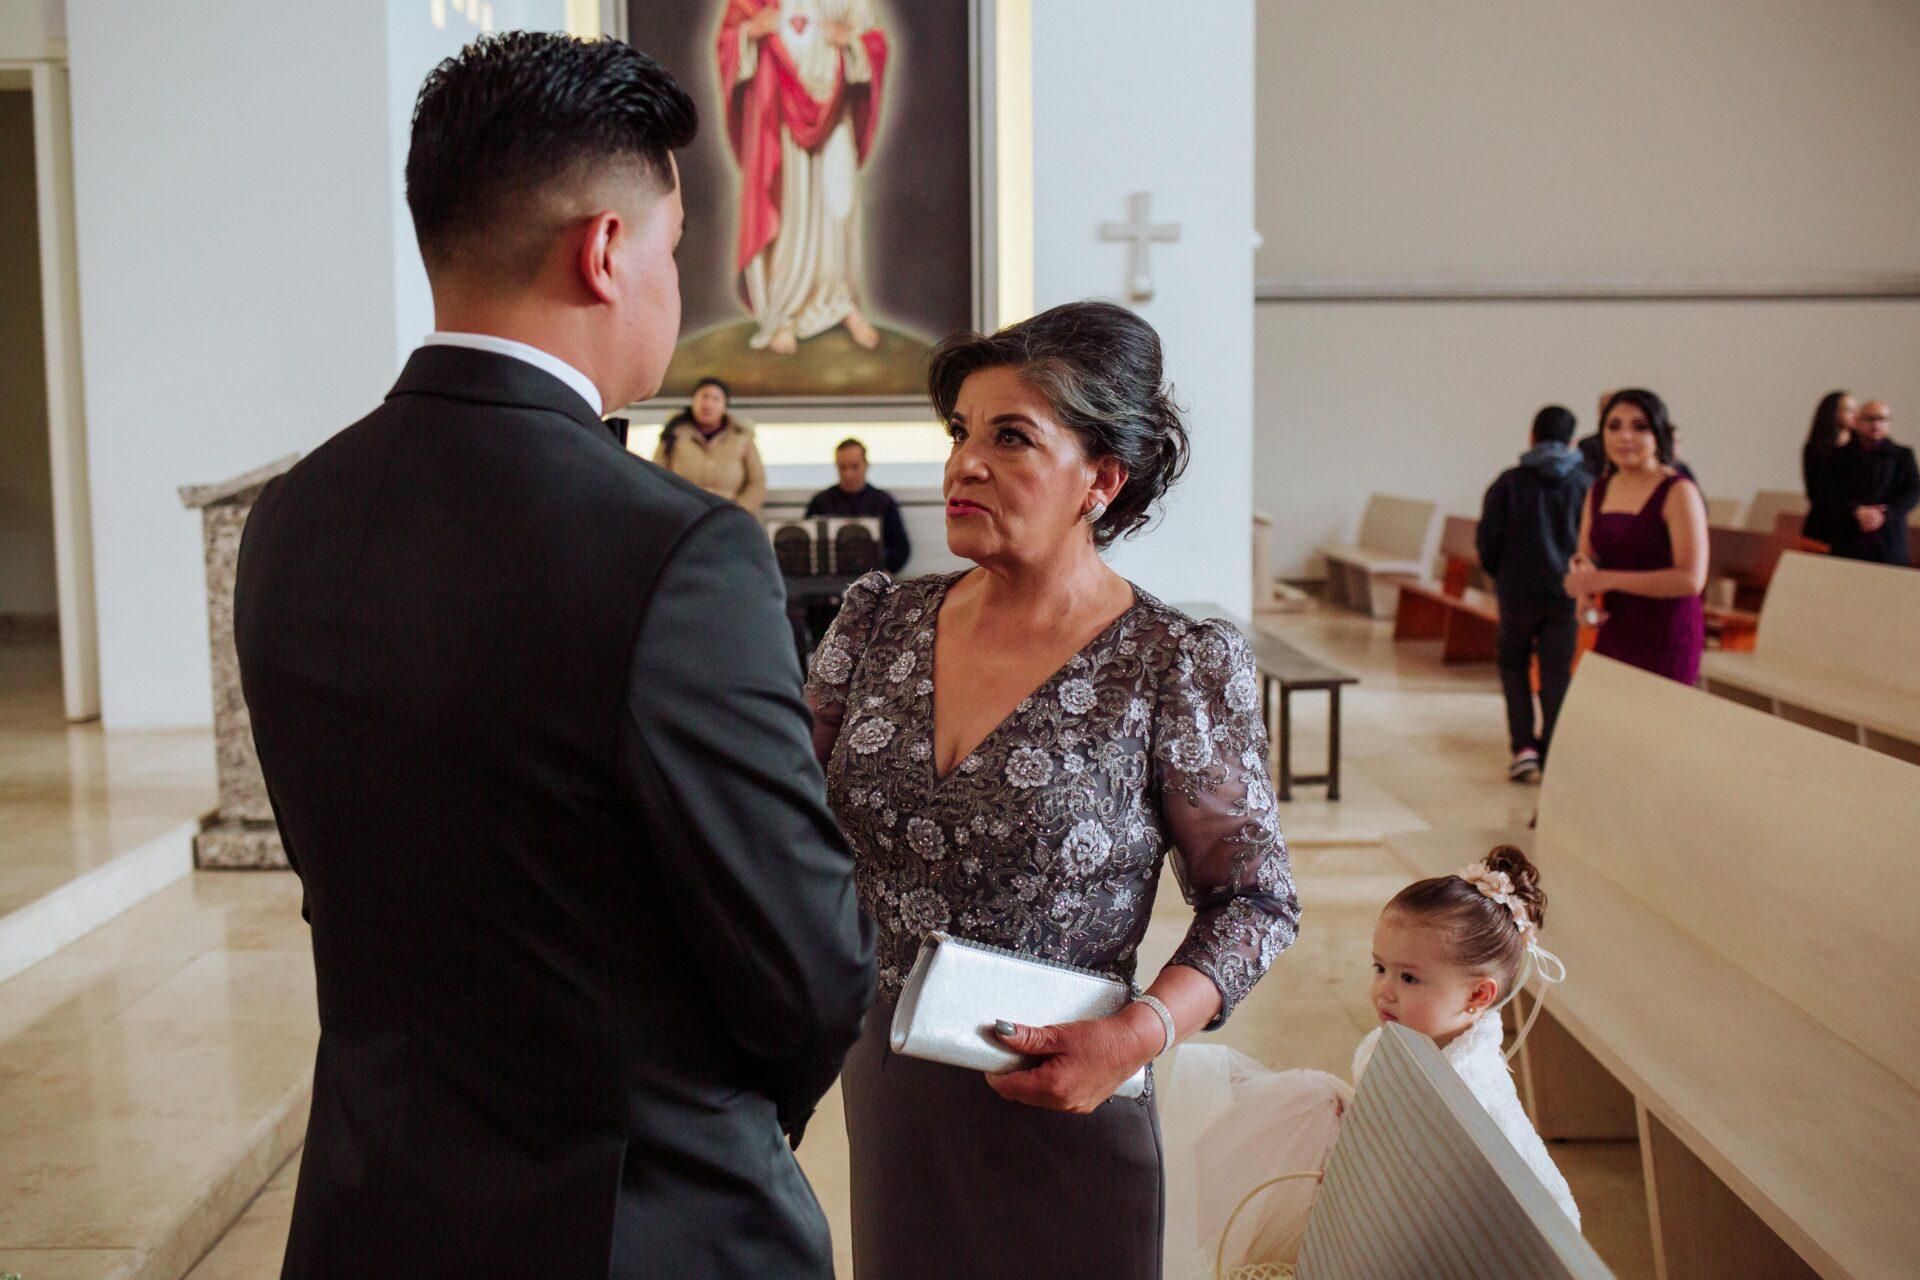 javier_noriega_fotografo_Boda_san_ramon_zacatecas_wedding_photographer6